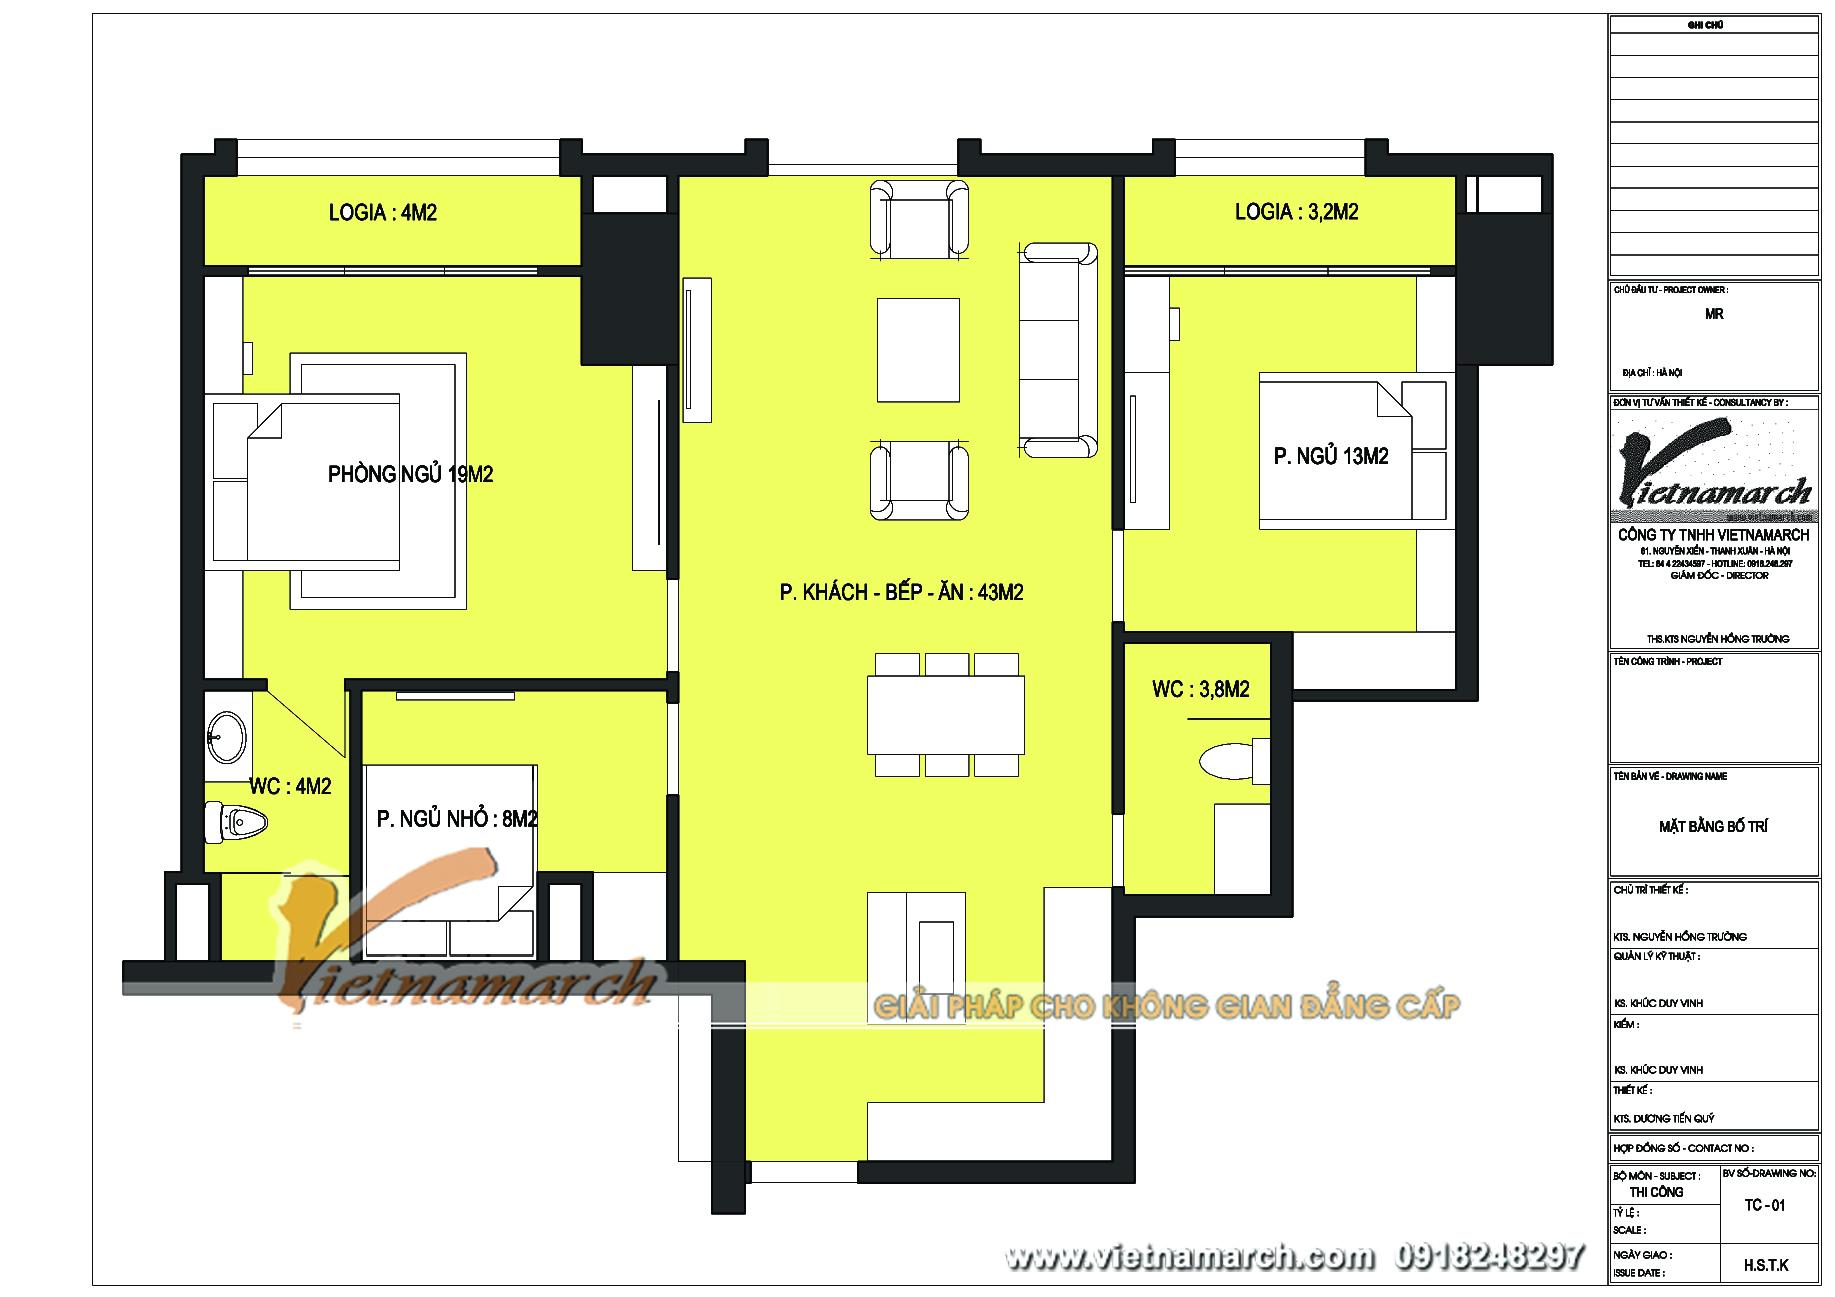 Mặt bằng cải tạo với thiết kế tối ưu cho căn hộ B1 chung cư cao cấp Tân Hoàng Minh